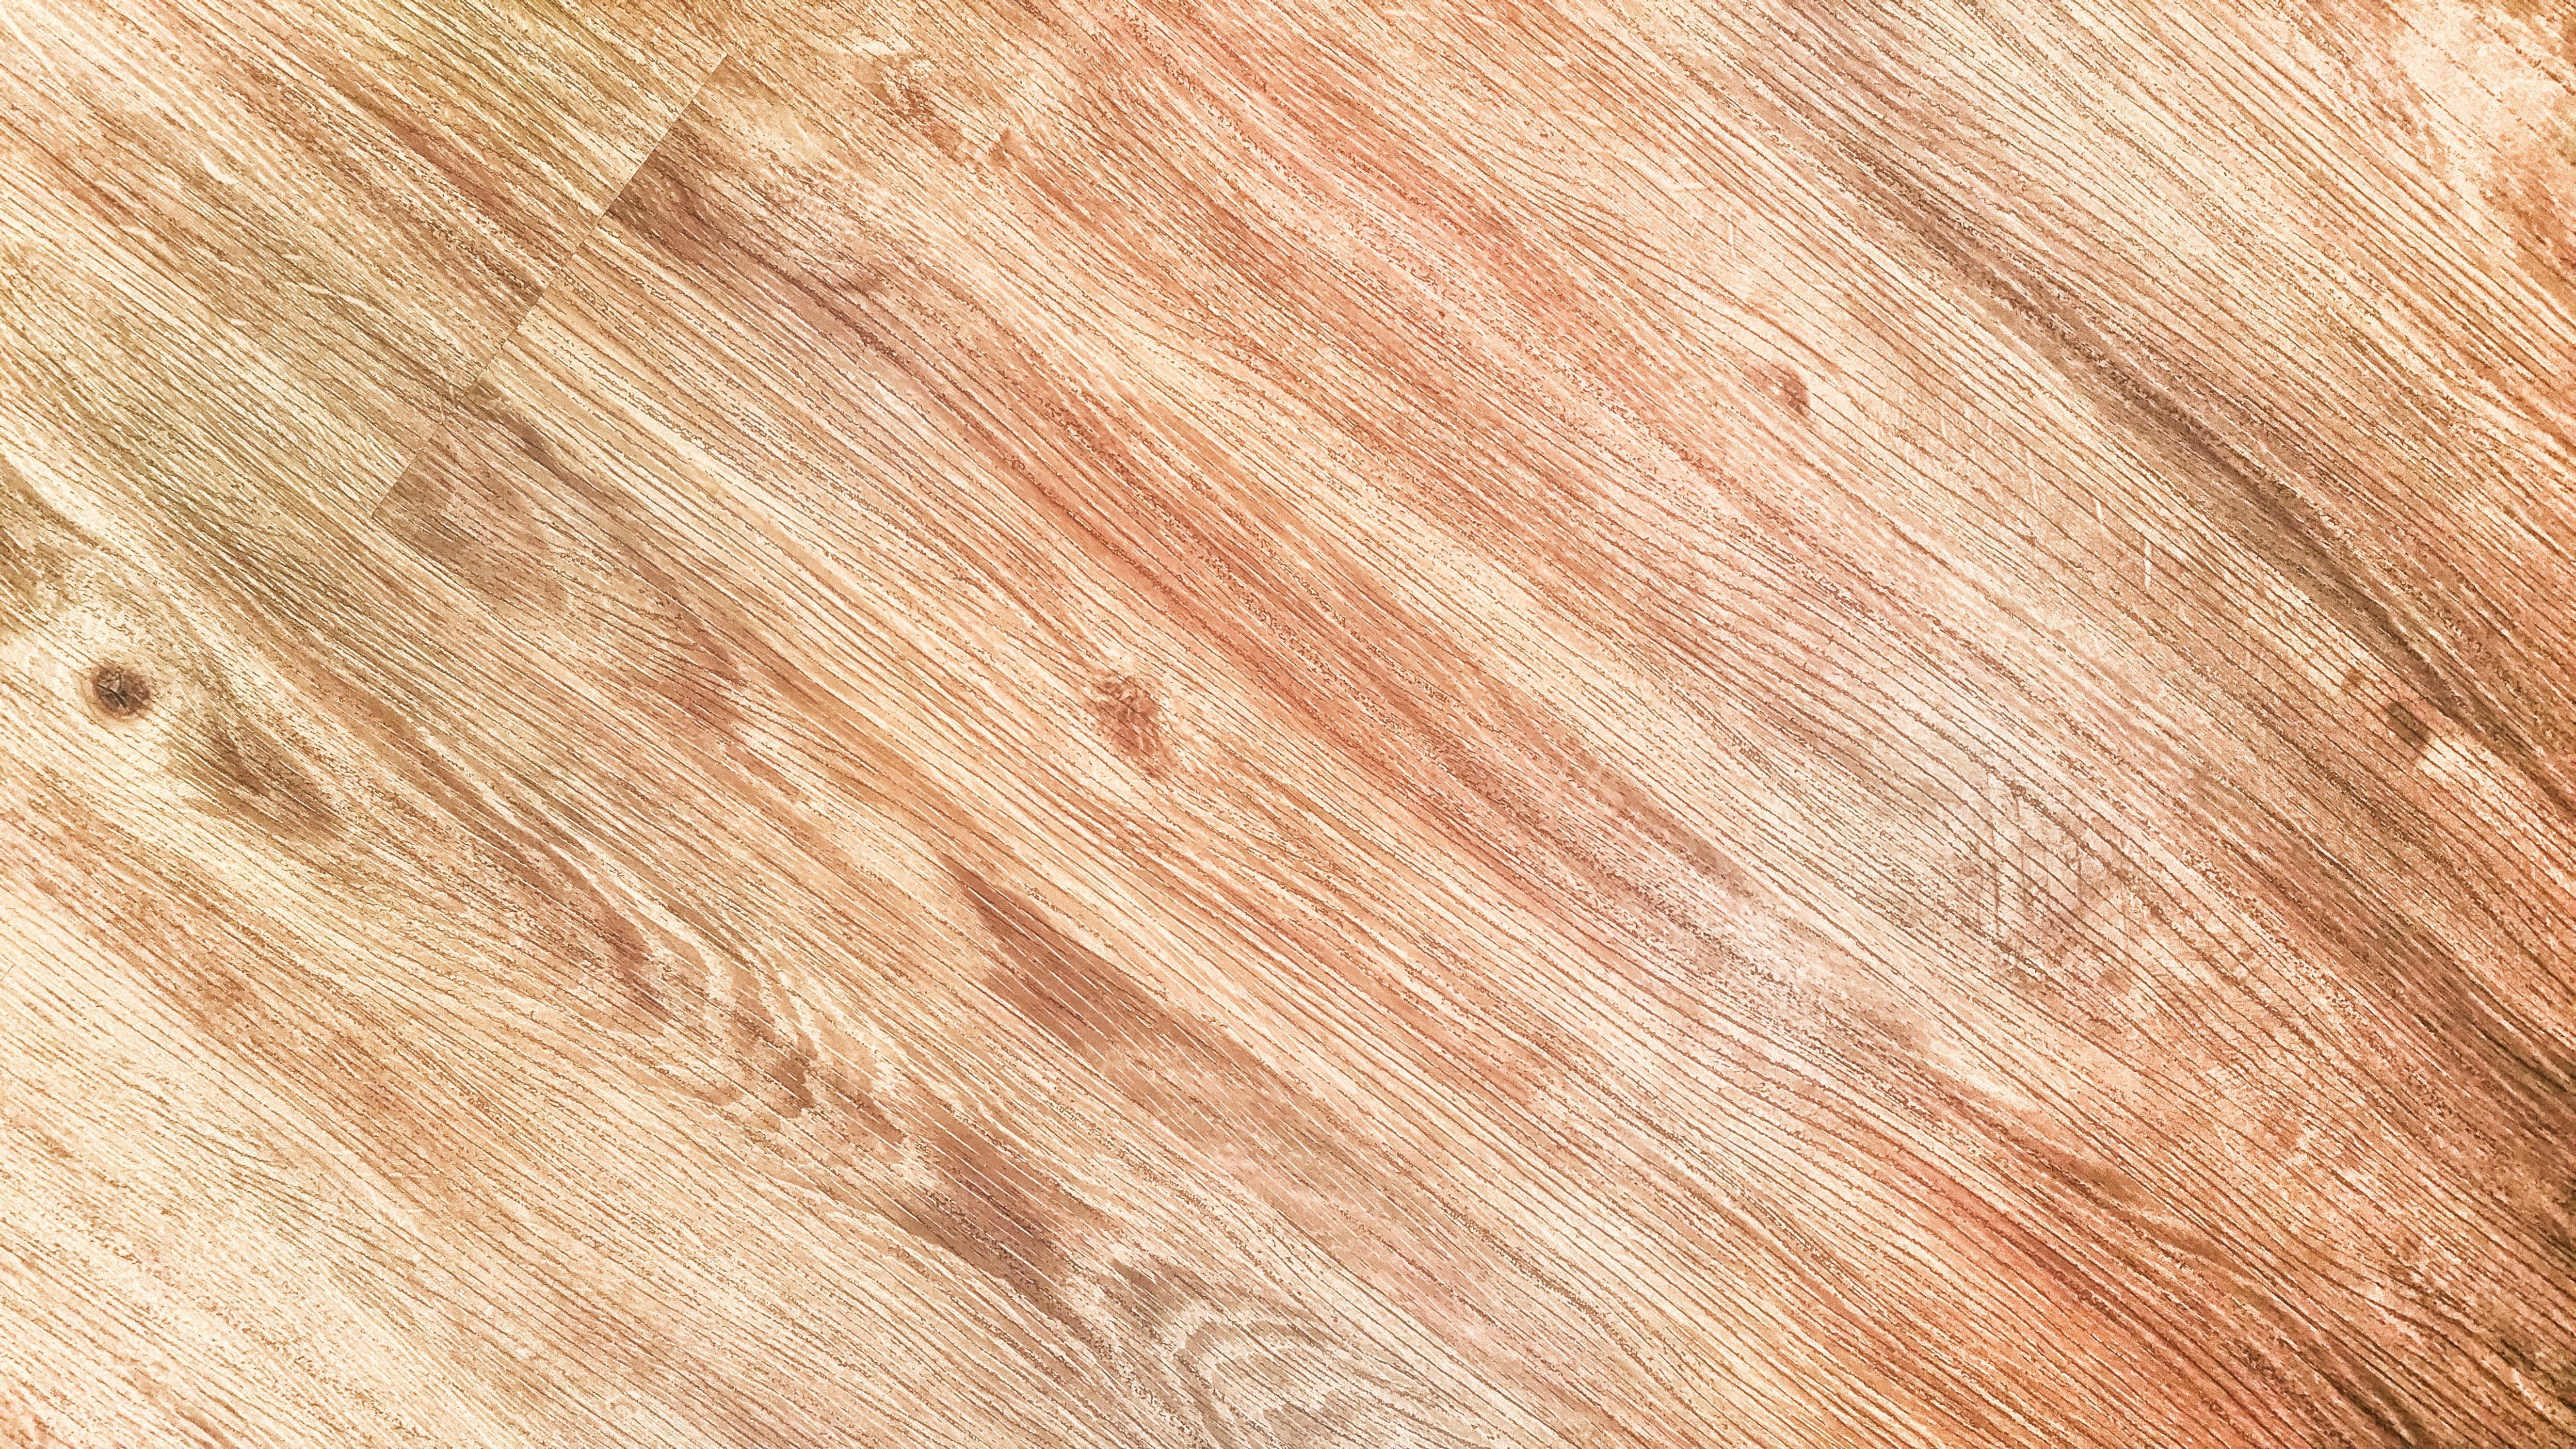 seamless texture planks com myfreetextures wood flooring floor wooden grey gray brown